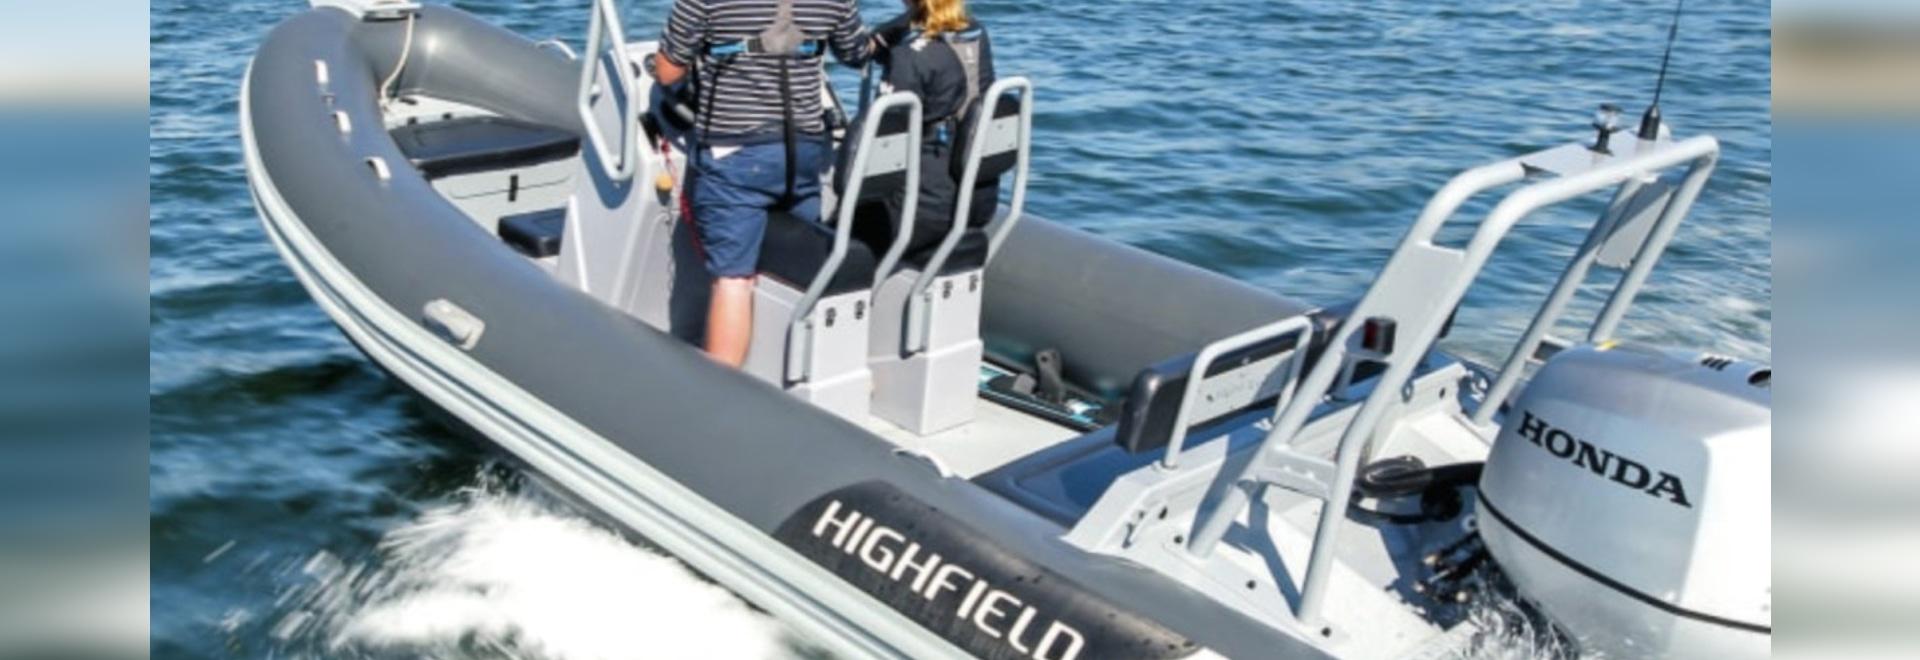 Highfield Boats voit ses ventes augmenter de 9% au premier semestre 2020